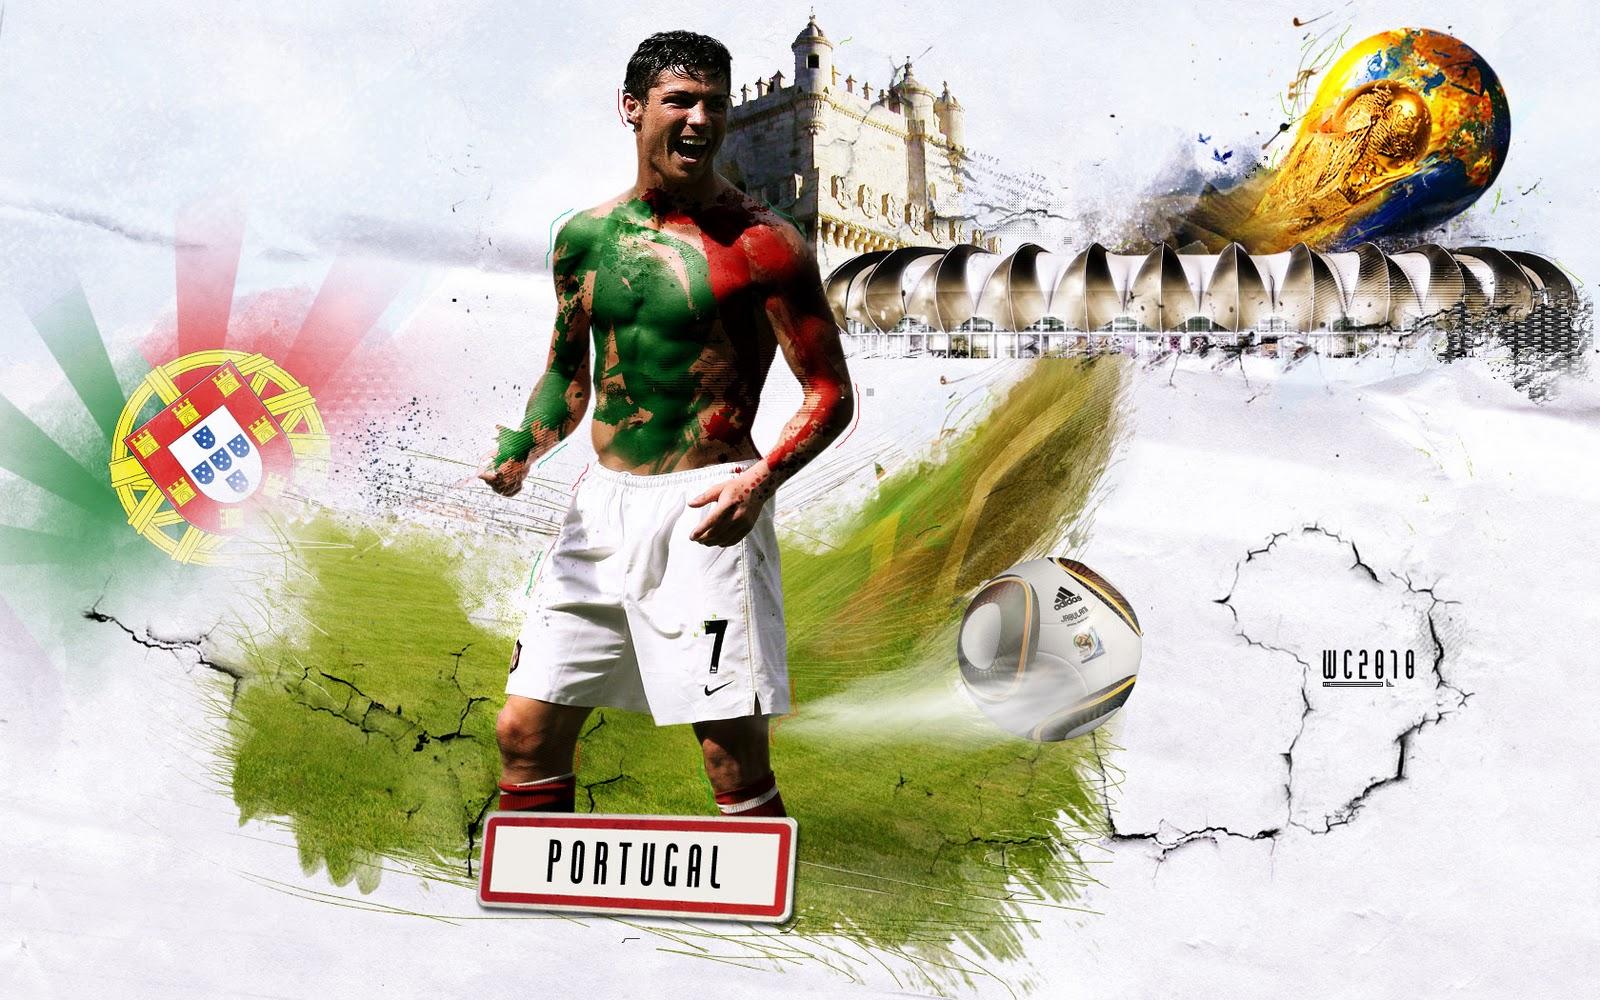 http://4.bp.blogspot.com/_Vk2ir6UMOjY/TDXnltoYm_I/AAAAAAAAAO0/5AGqZ5MkVh8/s1600/Cristiano-Ronaldo-Portugal-Widescreen-Wallpaper.jpg